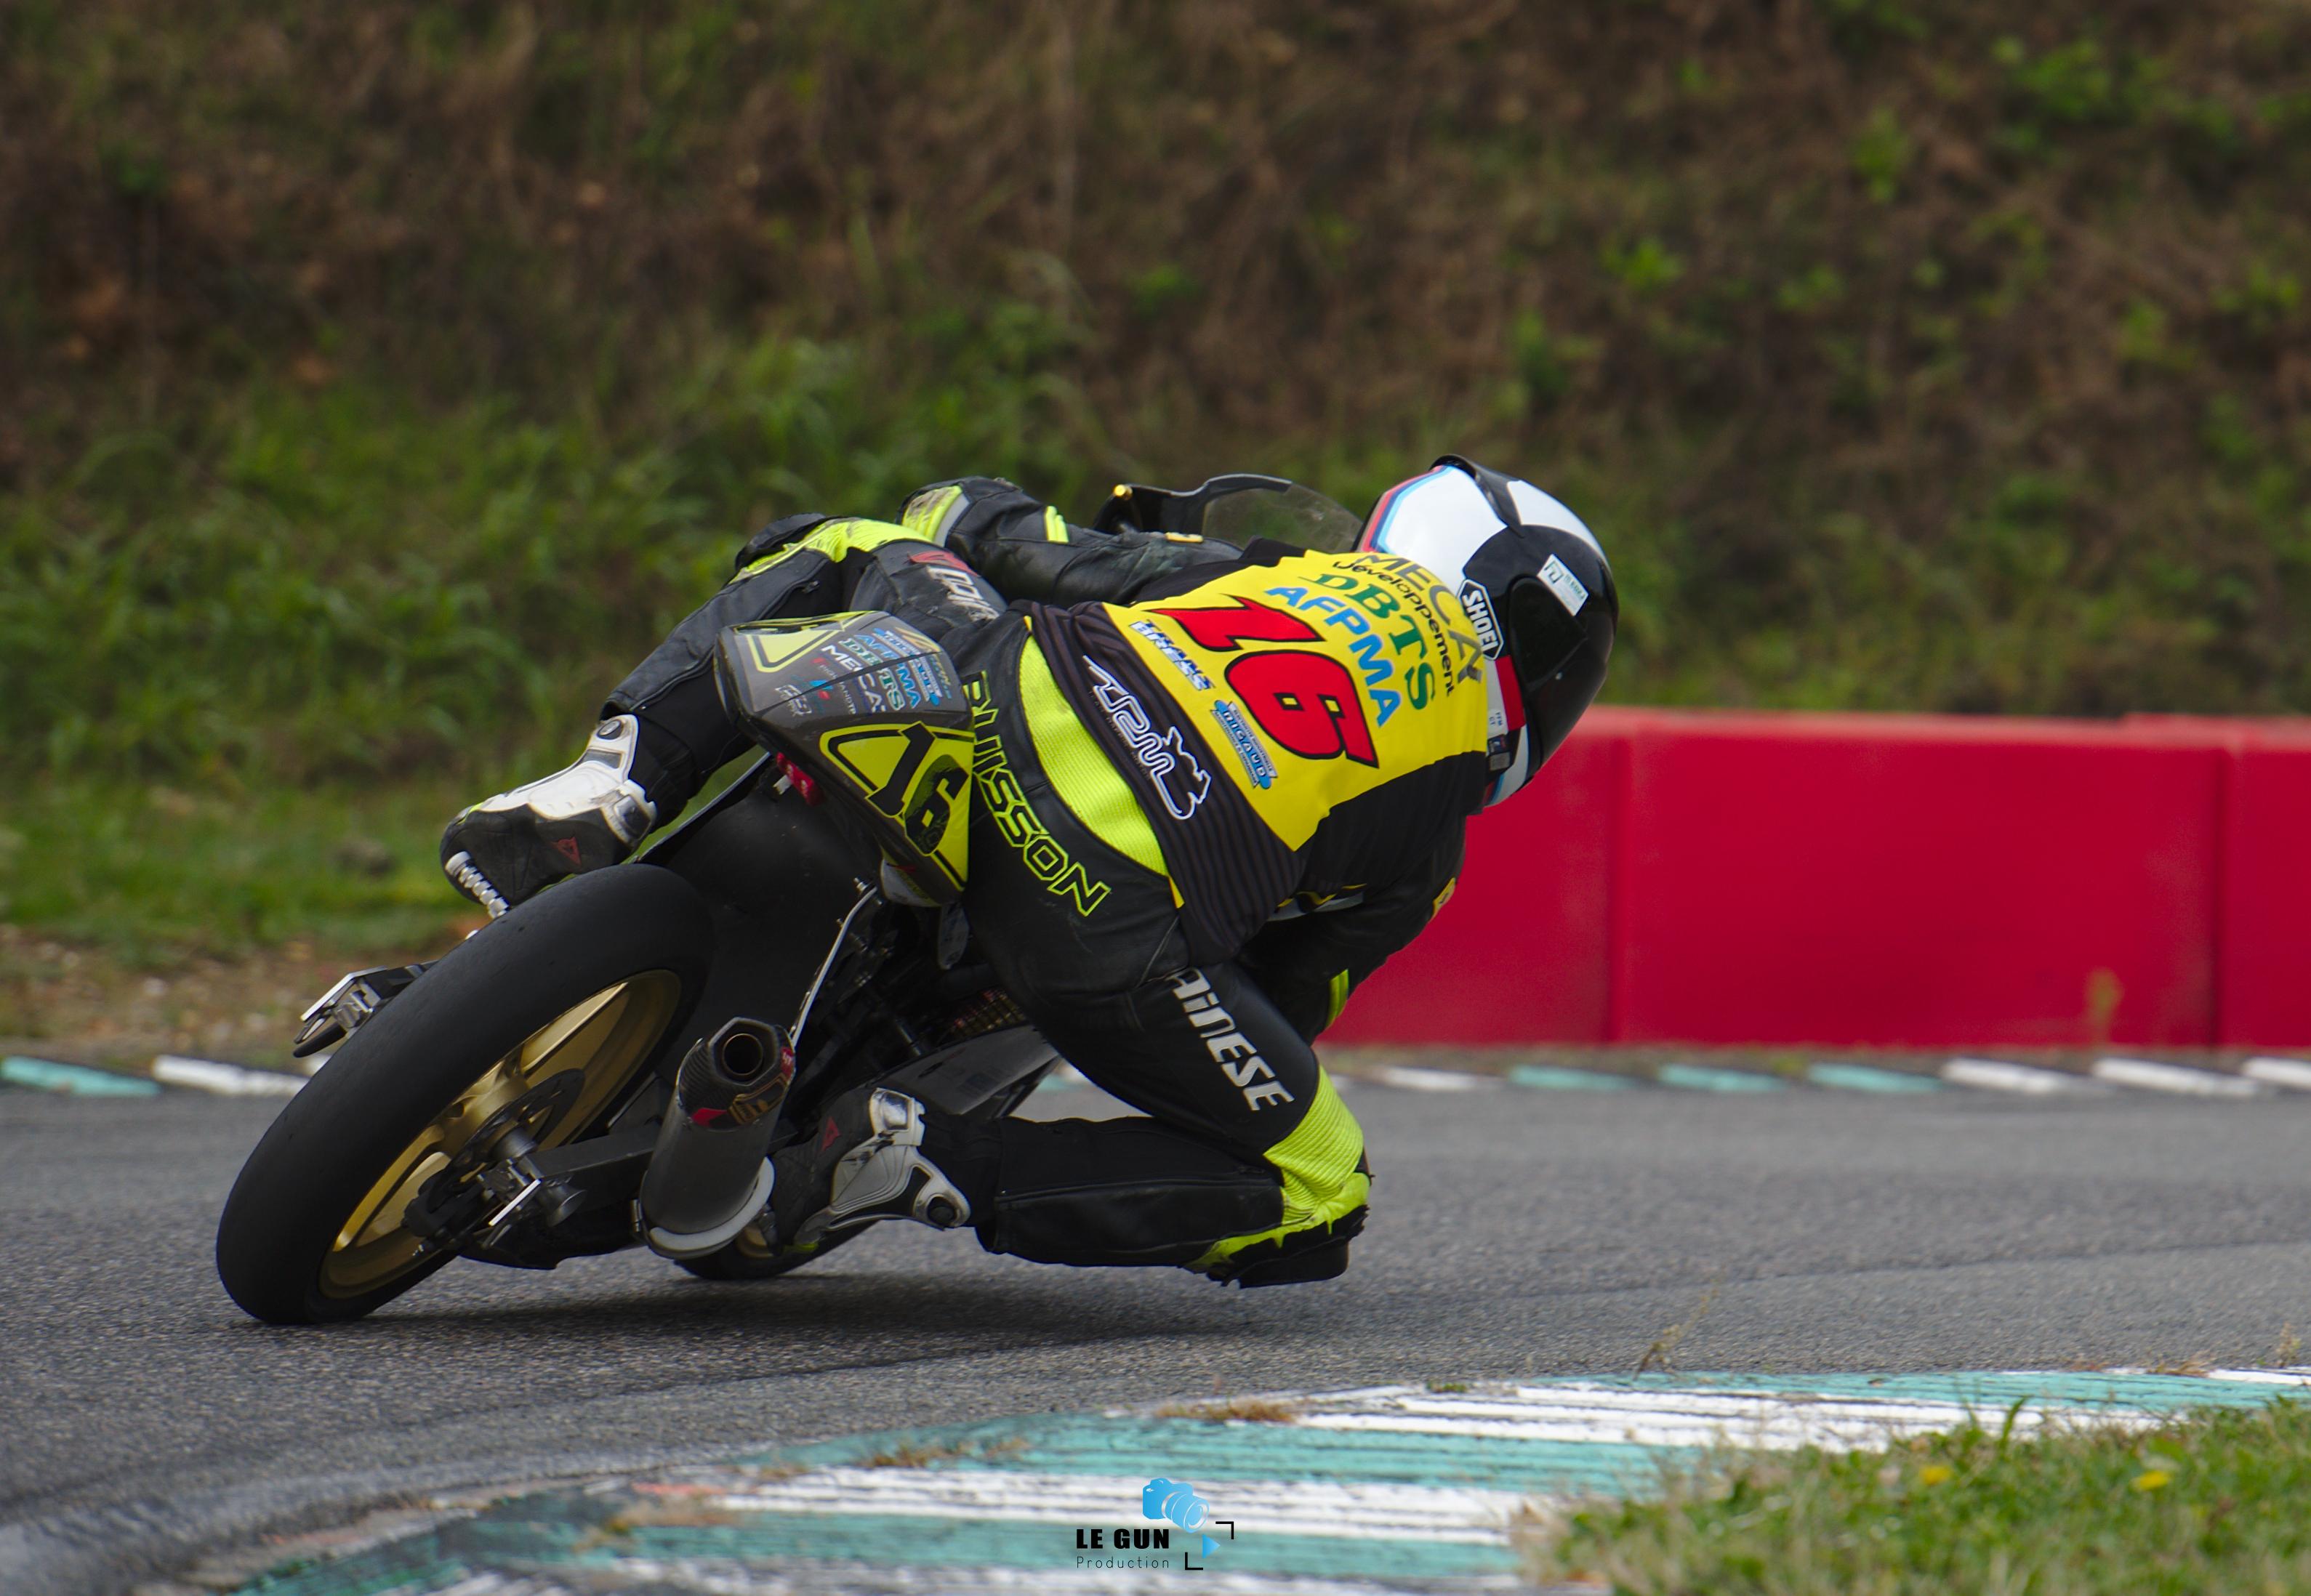 Team Raffin Moto : victoire des 4h de Villeurbanne, 29 octobre 2019, Saint-Laurent-de-Mure